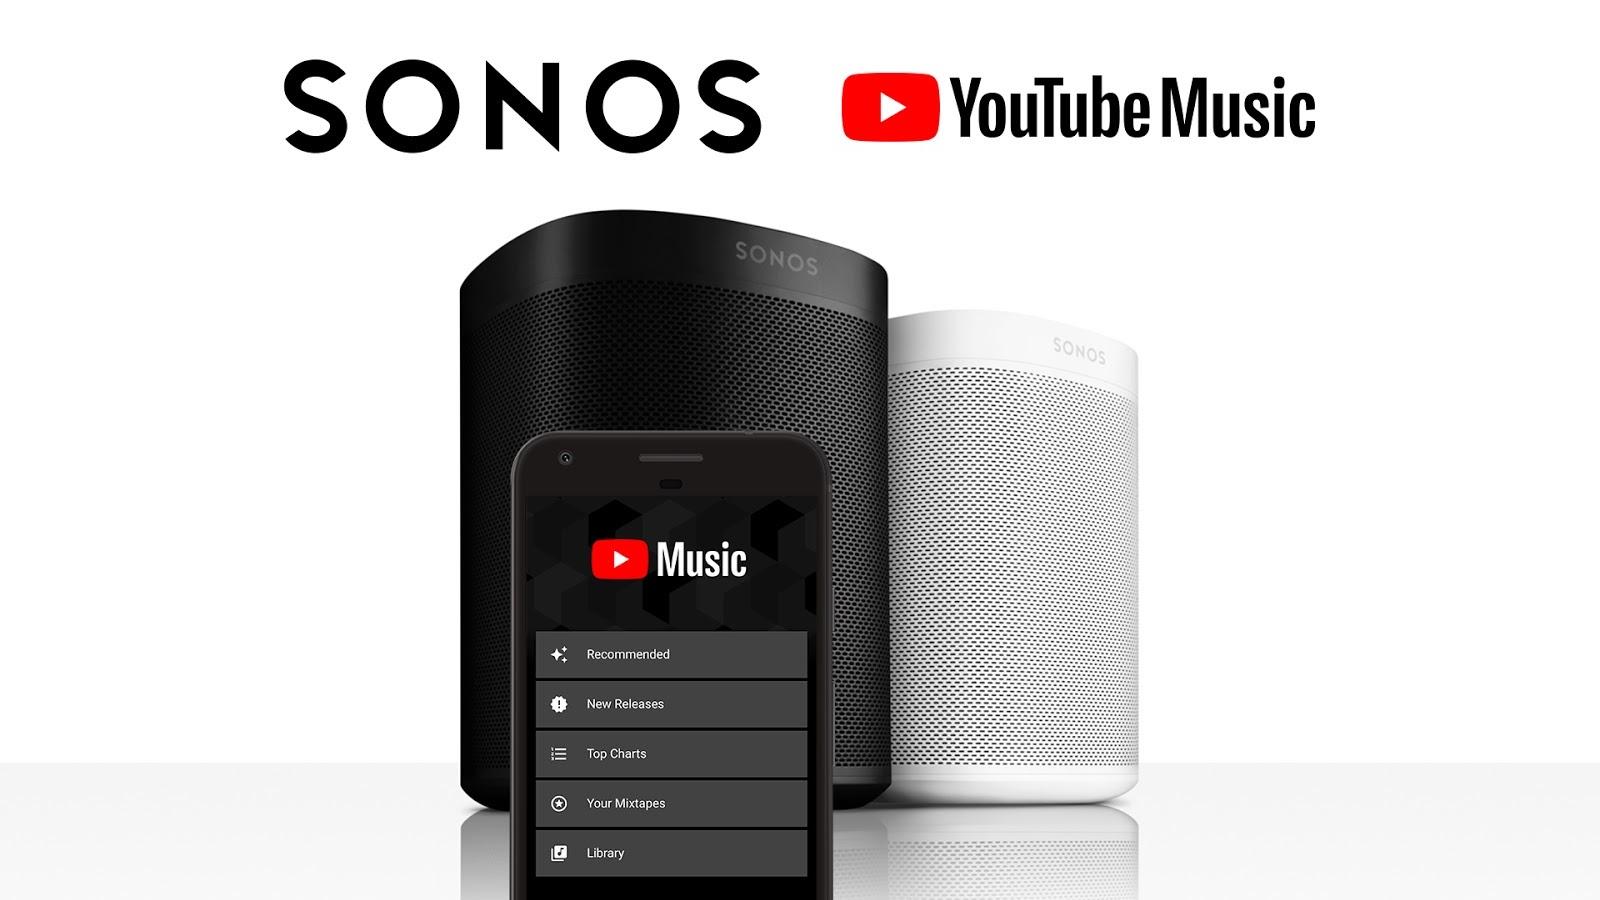 Youtube Music Adds Sonos Speaker Integration Premium